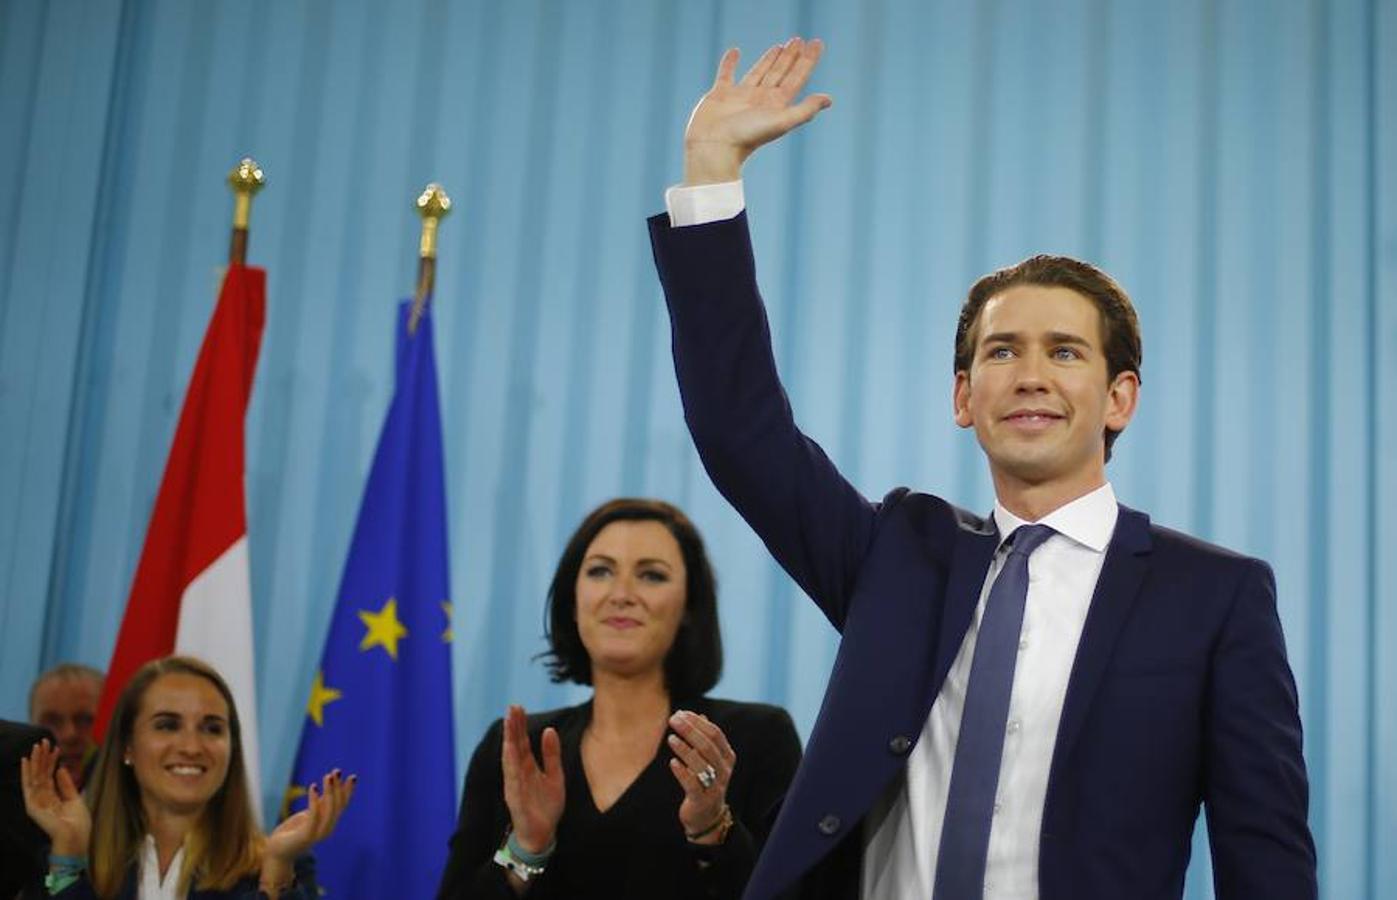 El líder del Partido Popular de Austria (ÖVP) celebró su victoria en Viena